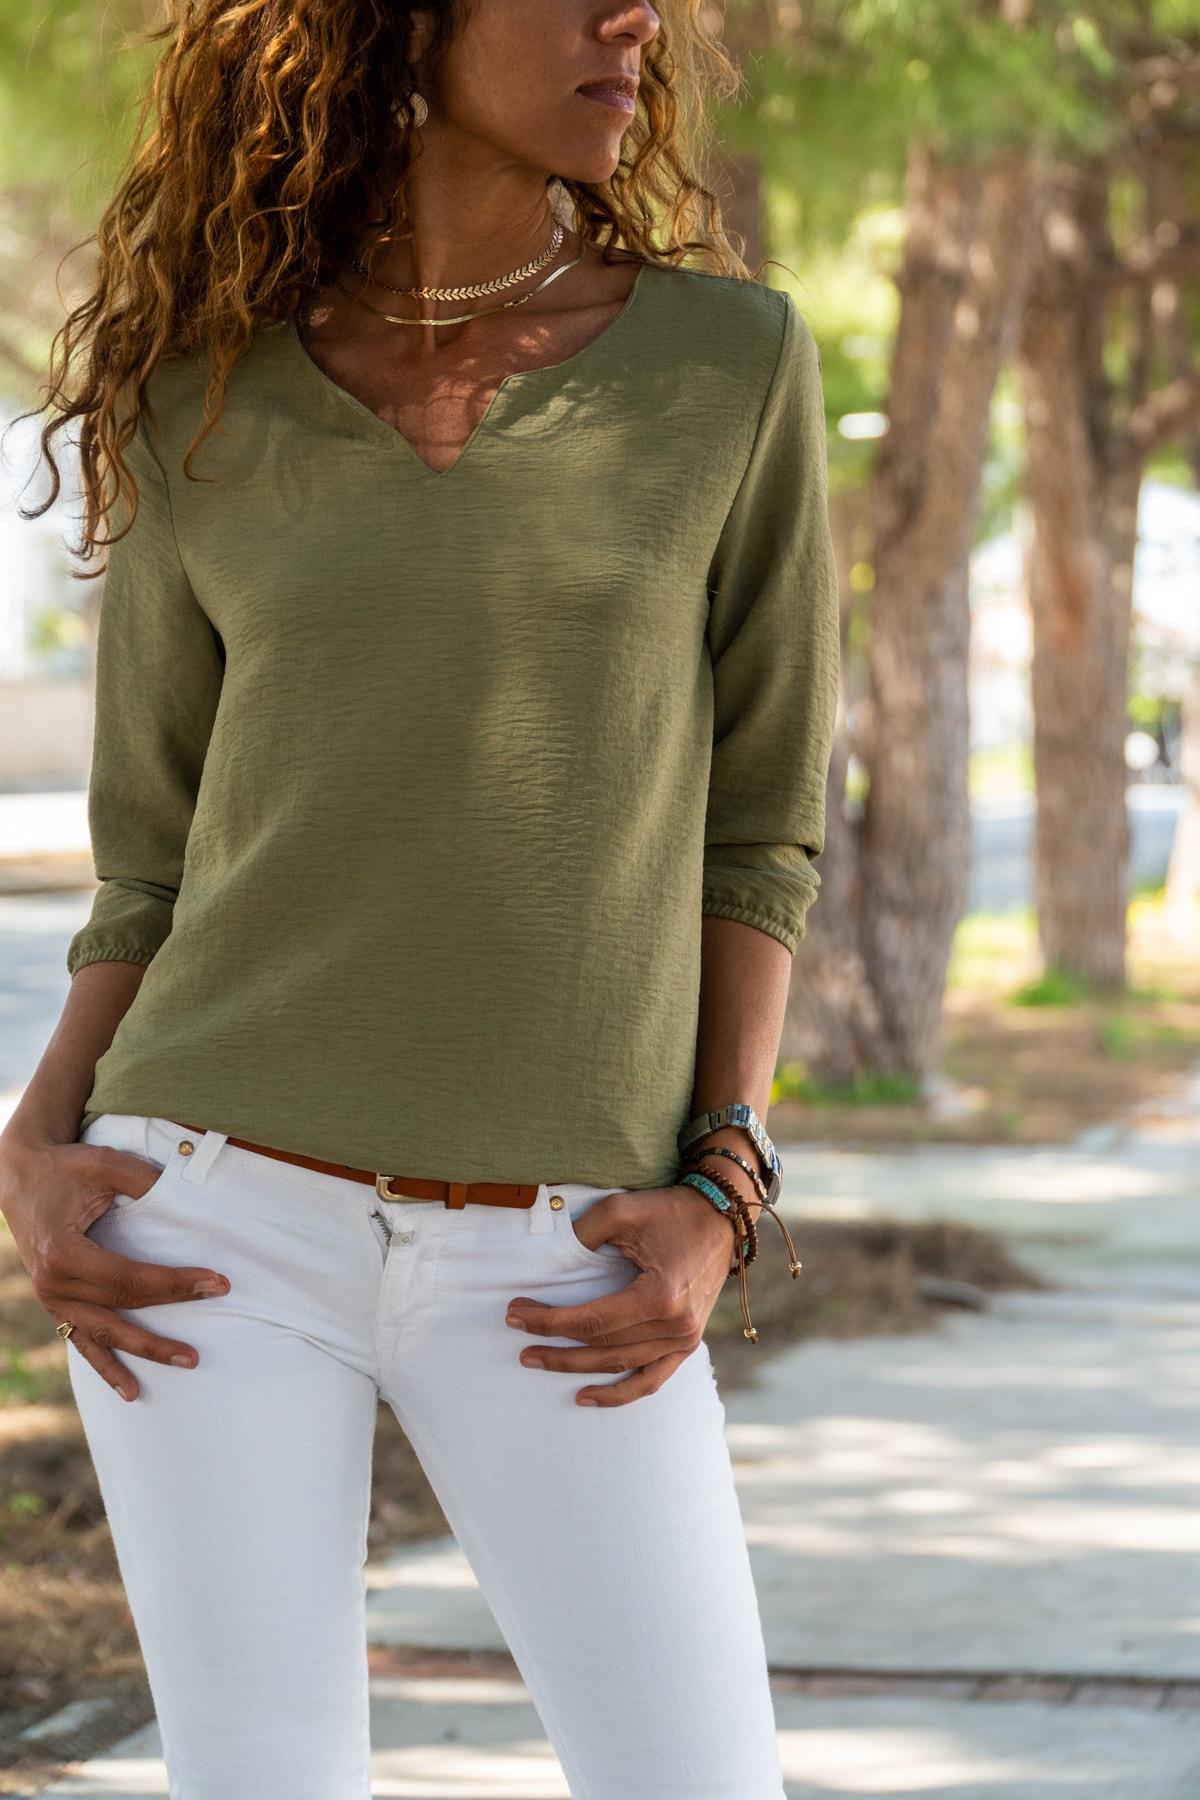 Güneşkızı Kadın Haki Yakası Yırtmaçlı Çizgili Krep Bluz GK-BST2841 1